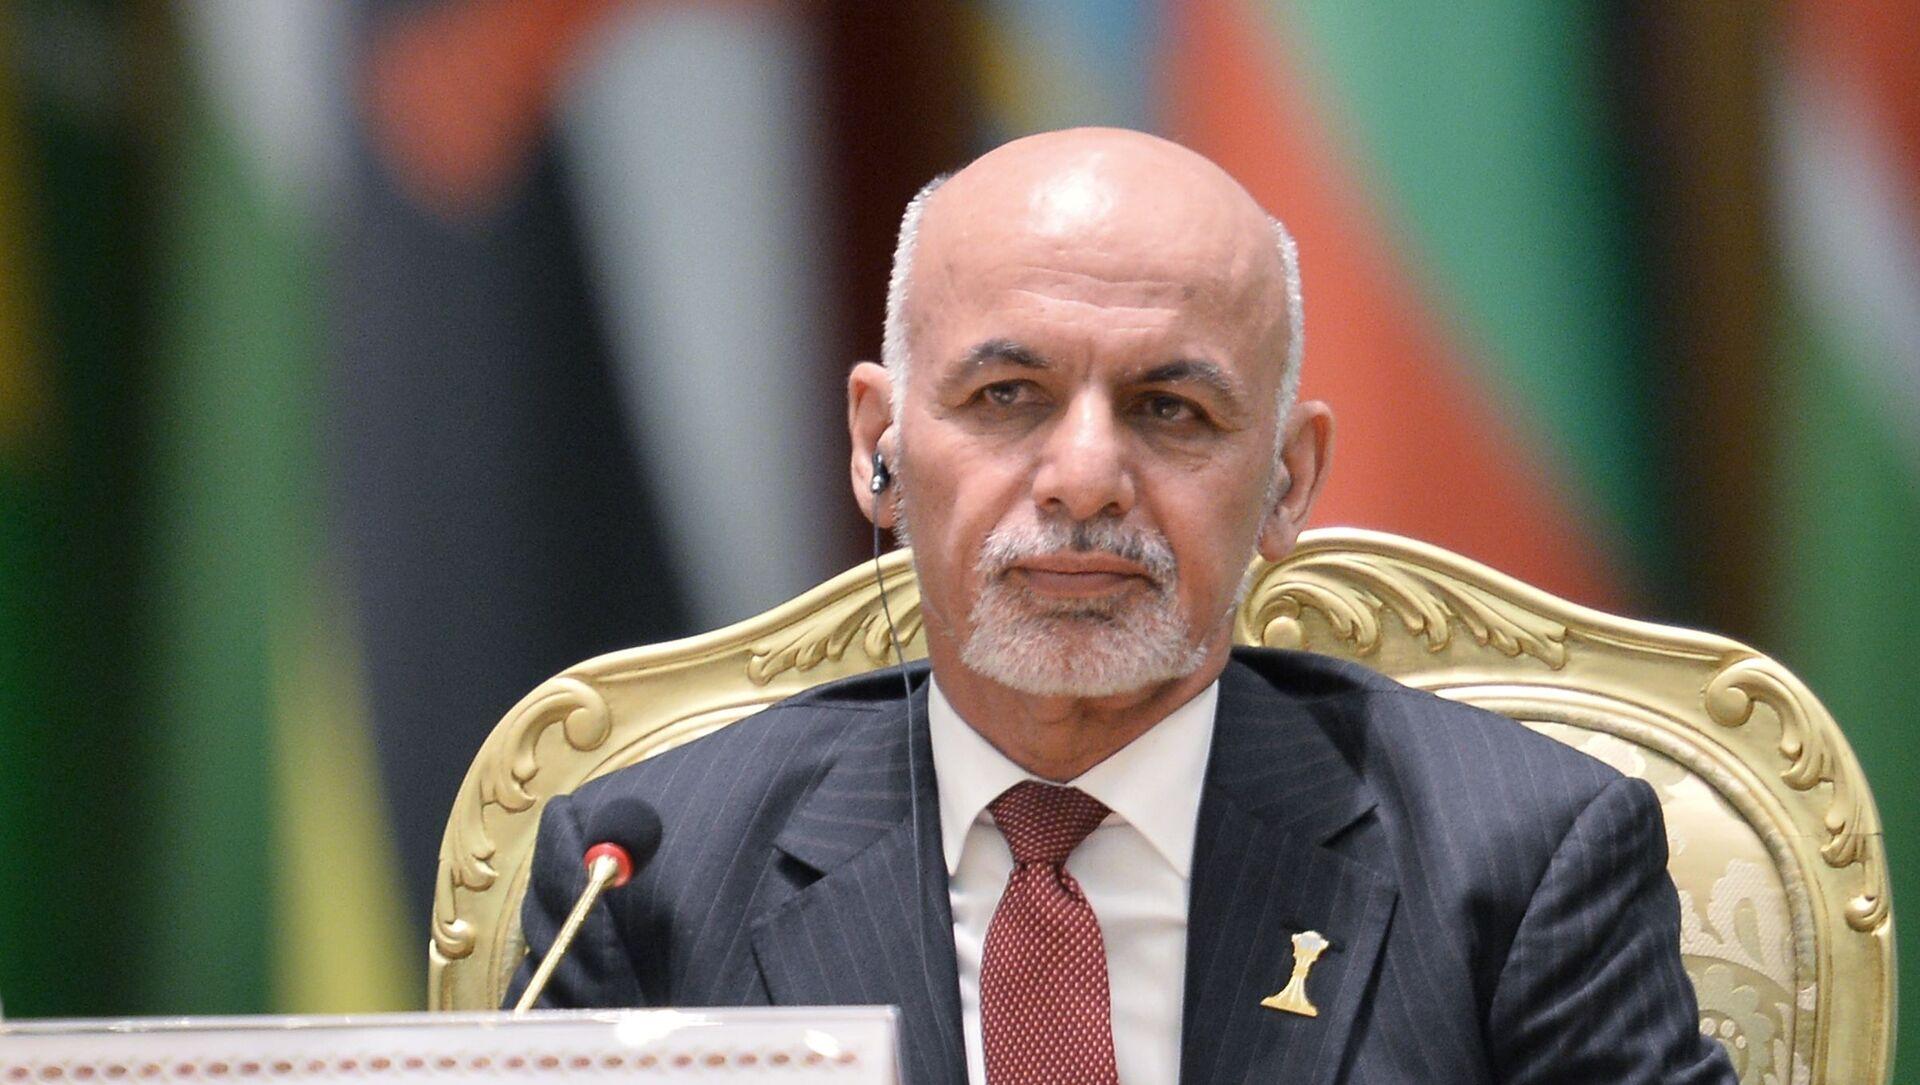 ავღანეთის პრეზიდენტი აშრაფ ღანი - Sputnik საქართველო, 1920, 18.08.2021